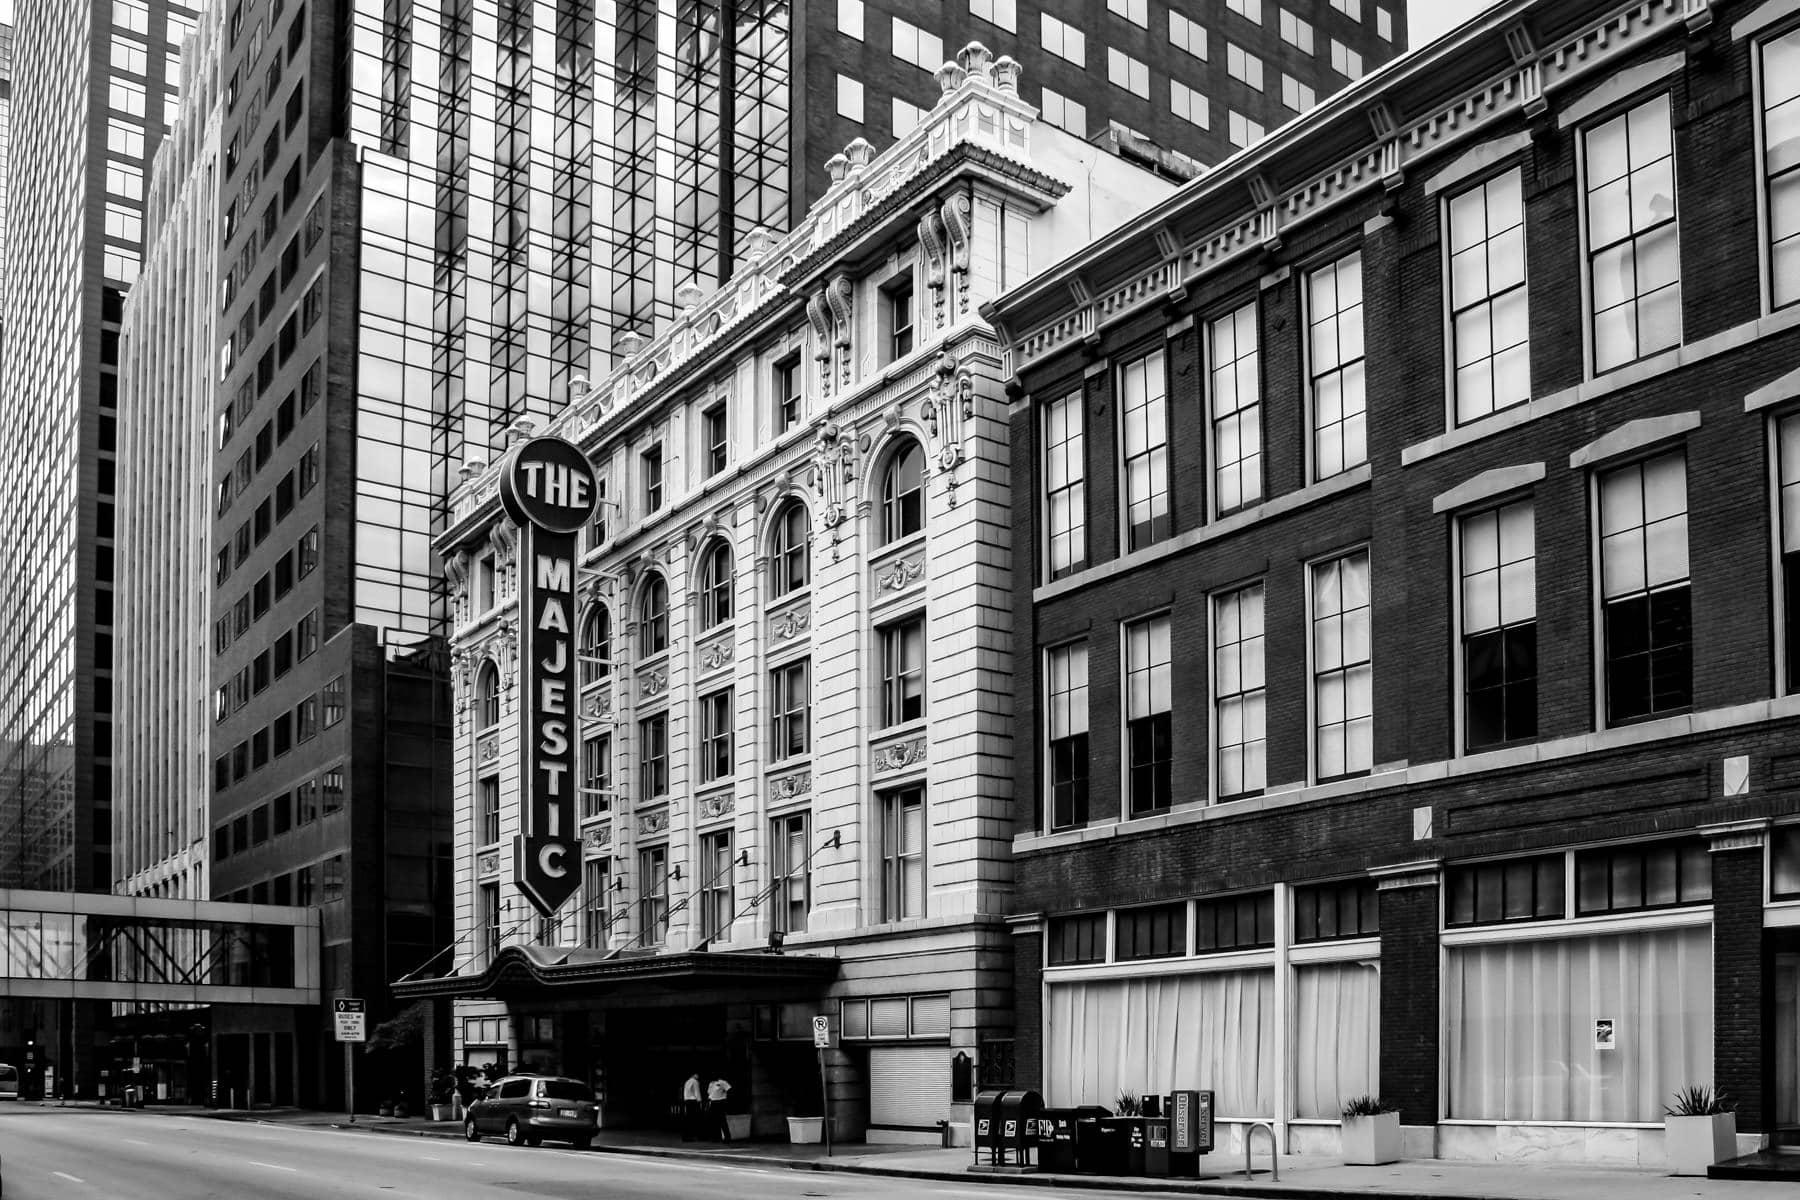 The Majestic Theatre in Downtown Dallas, Texas.